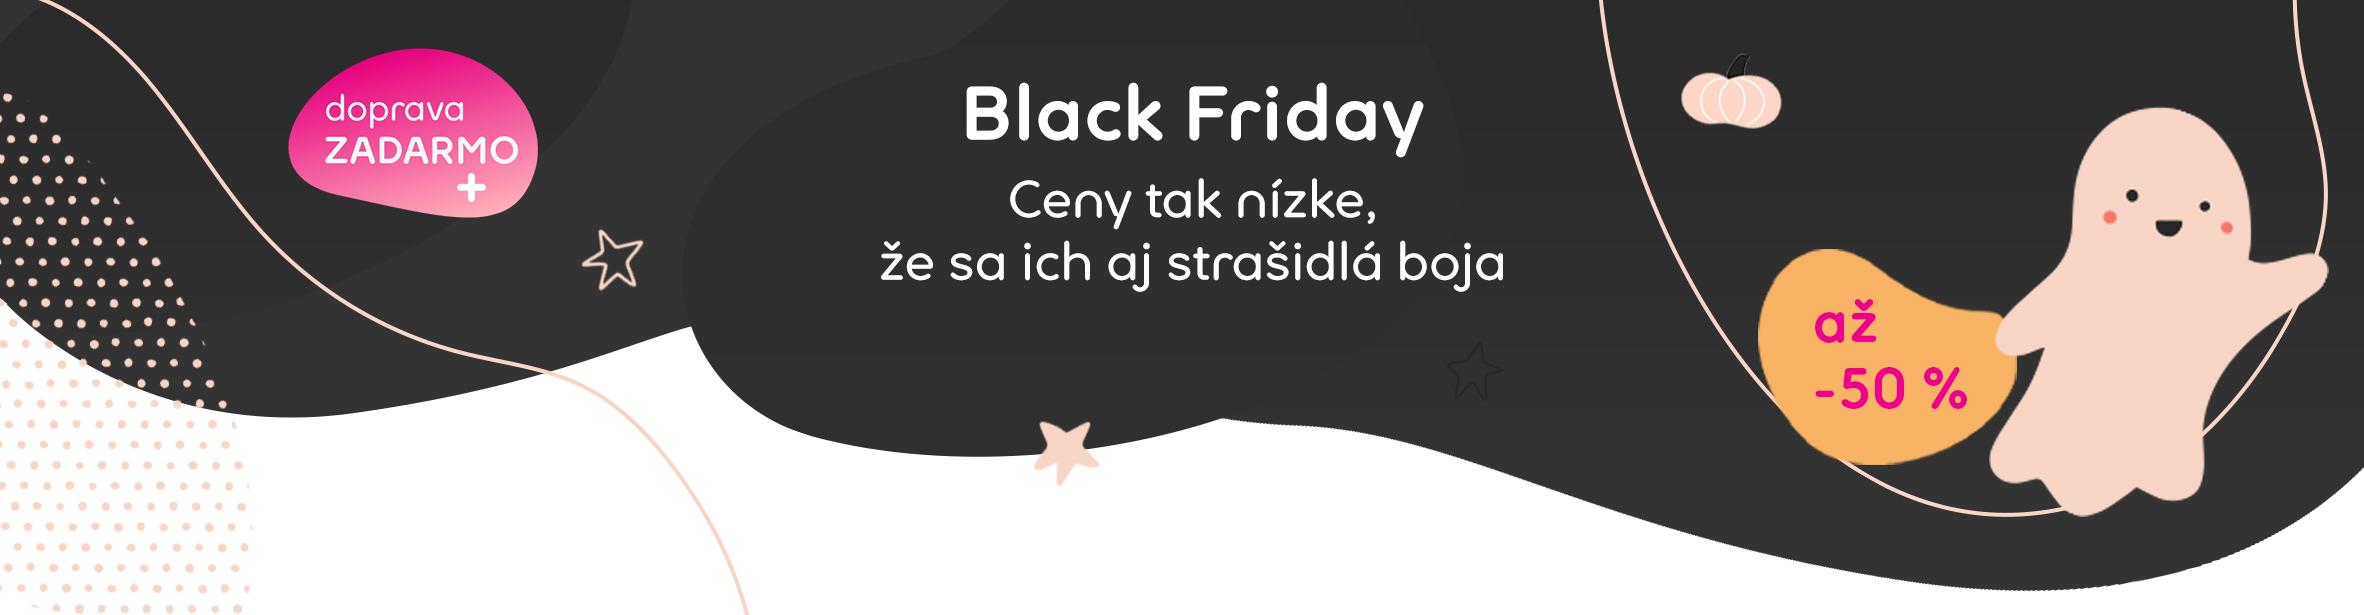 Black Friday Strašidelne nízke ceny